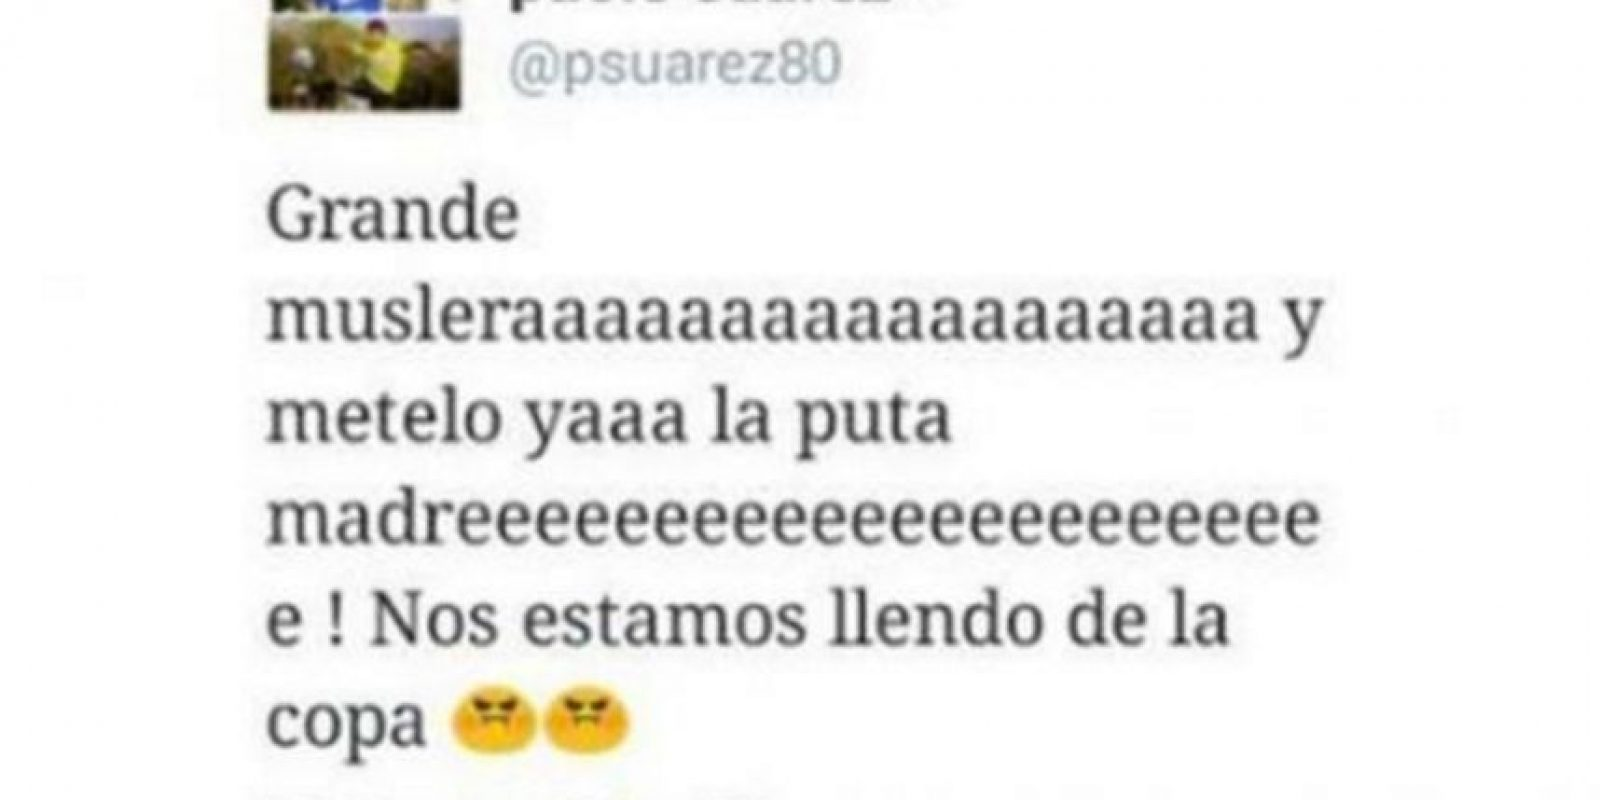 El hermano de Luis Suárez, Paolo, explotó en Twitter al ver a su hermano en la banca Foto:Captura de pantalla